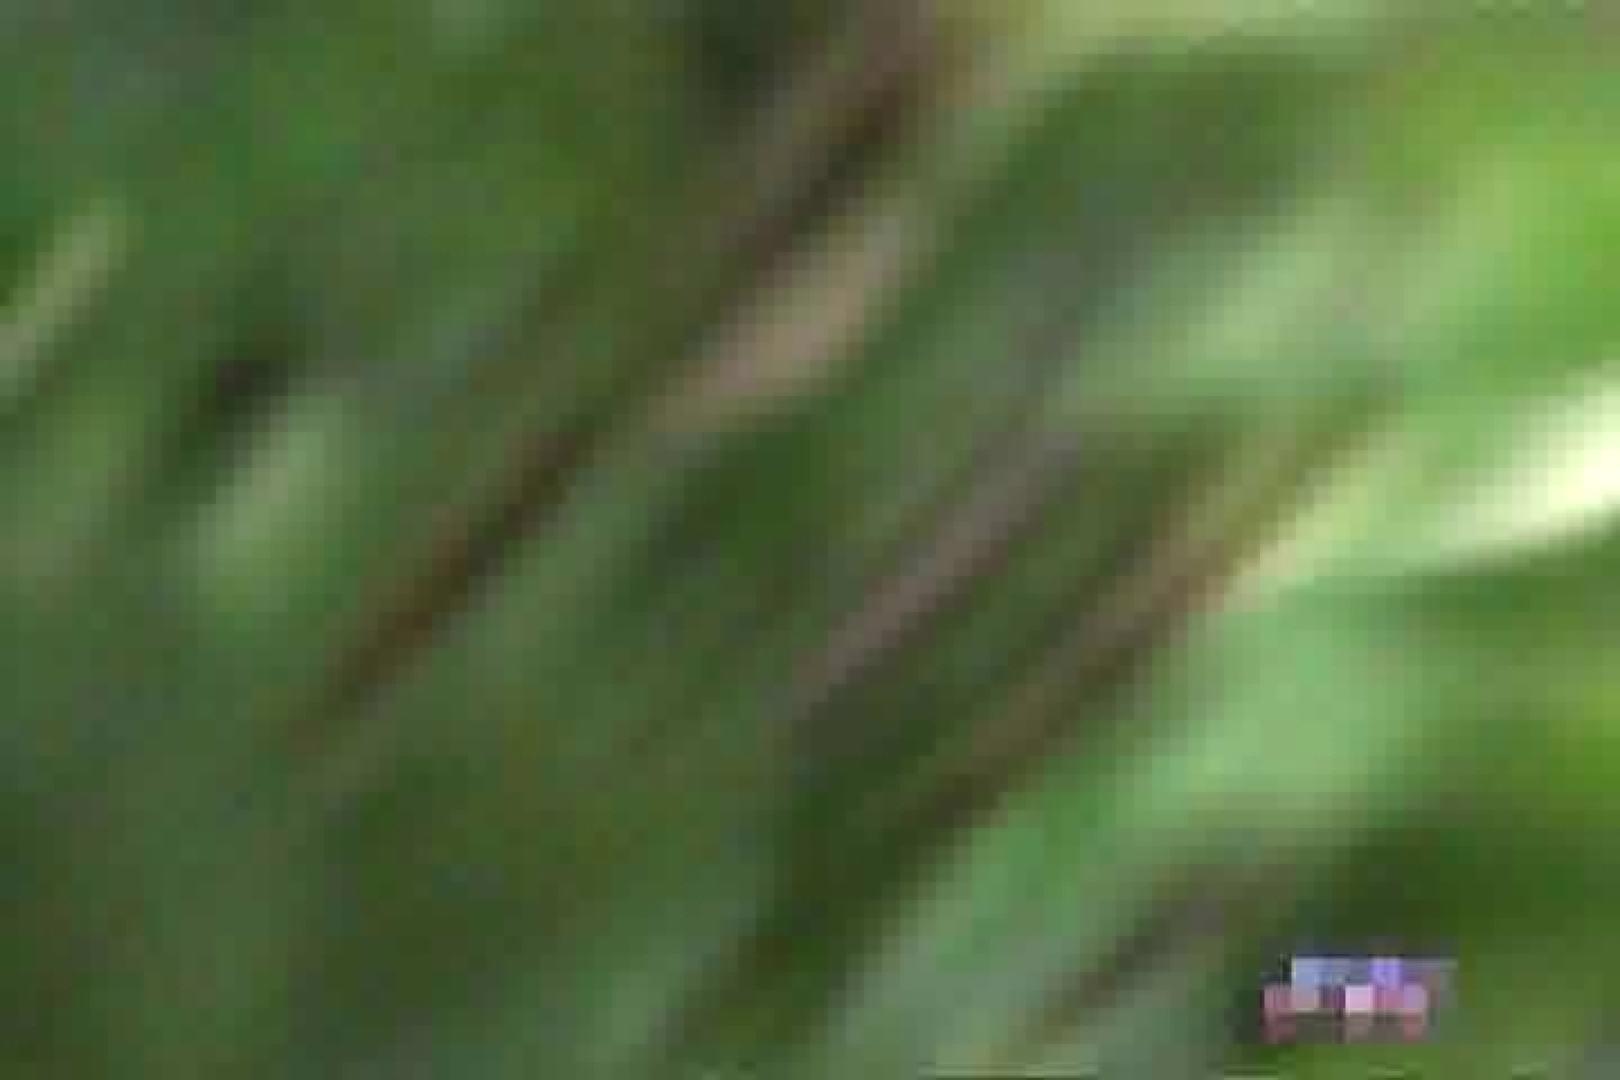 水着ギャルスッポンポンで生着替えVol.2 ギャルエロ画像 おまんこ無修正動画無料 88PICs 24